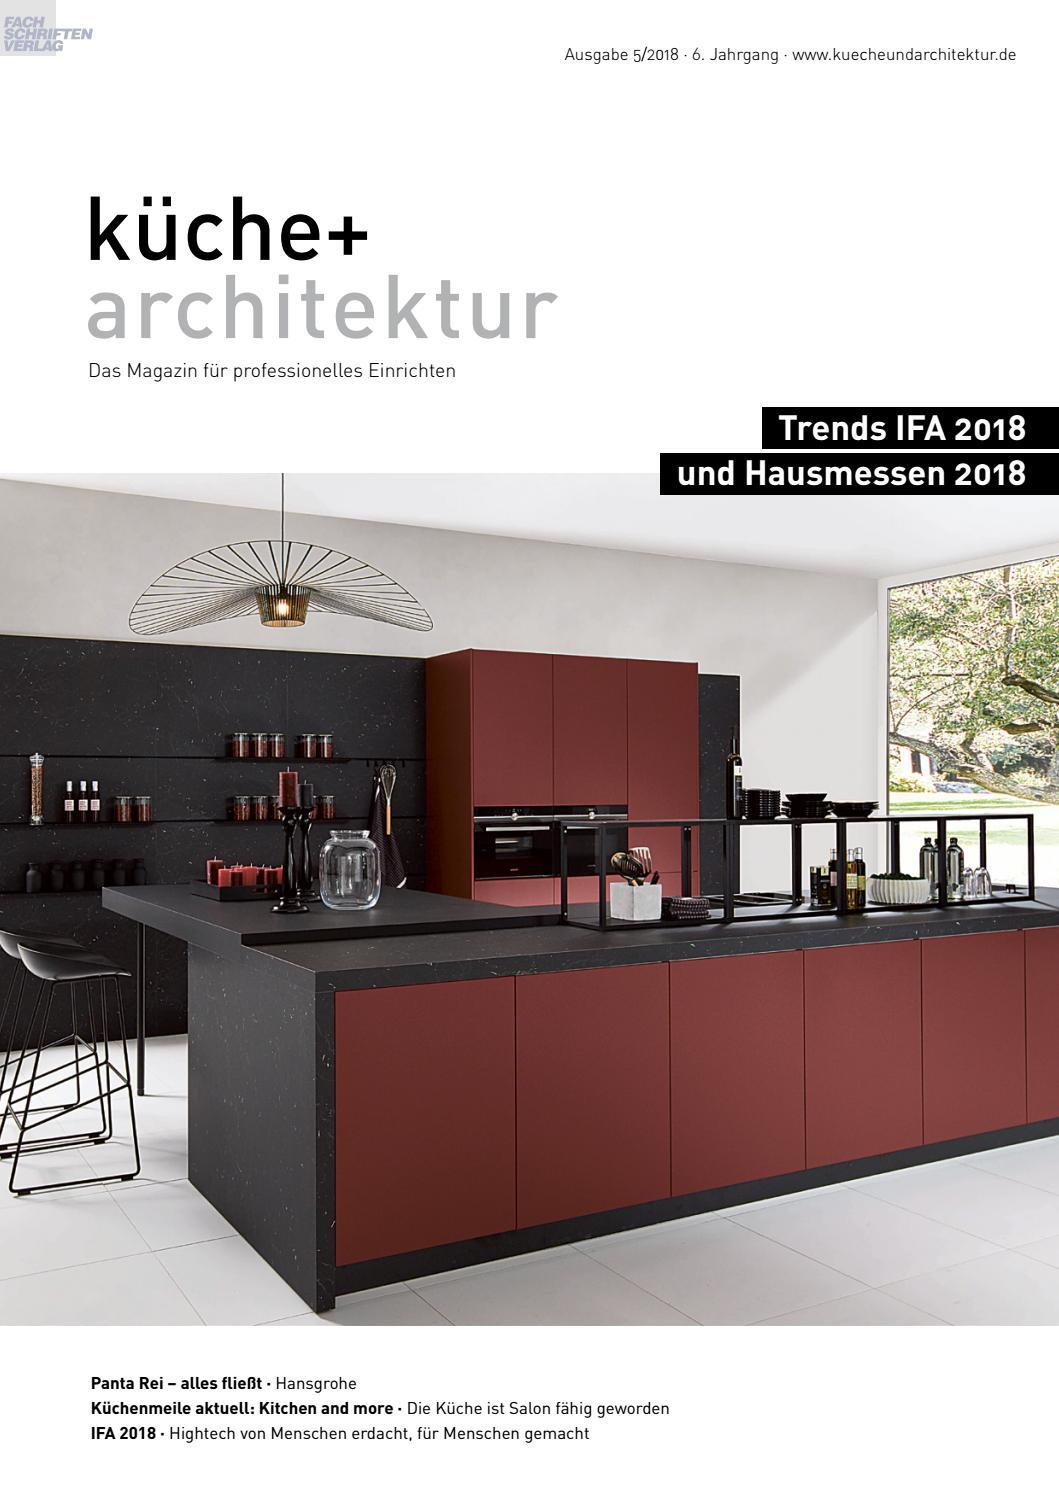 Full Size of Walden Küchen Abverkauf Kche Architektur 5 2018 By Fachschriften Verlag Bad Inselküche Regal Wohnzimmer Walden Küchen Abverkauf